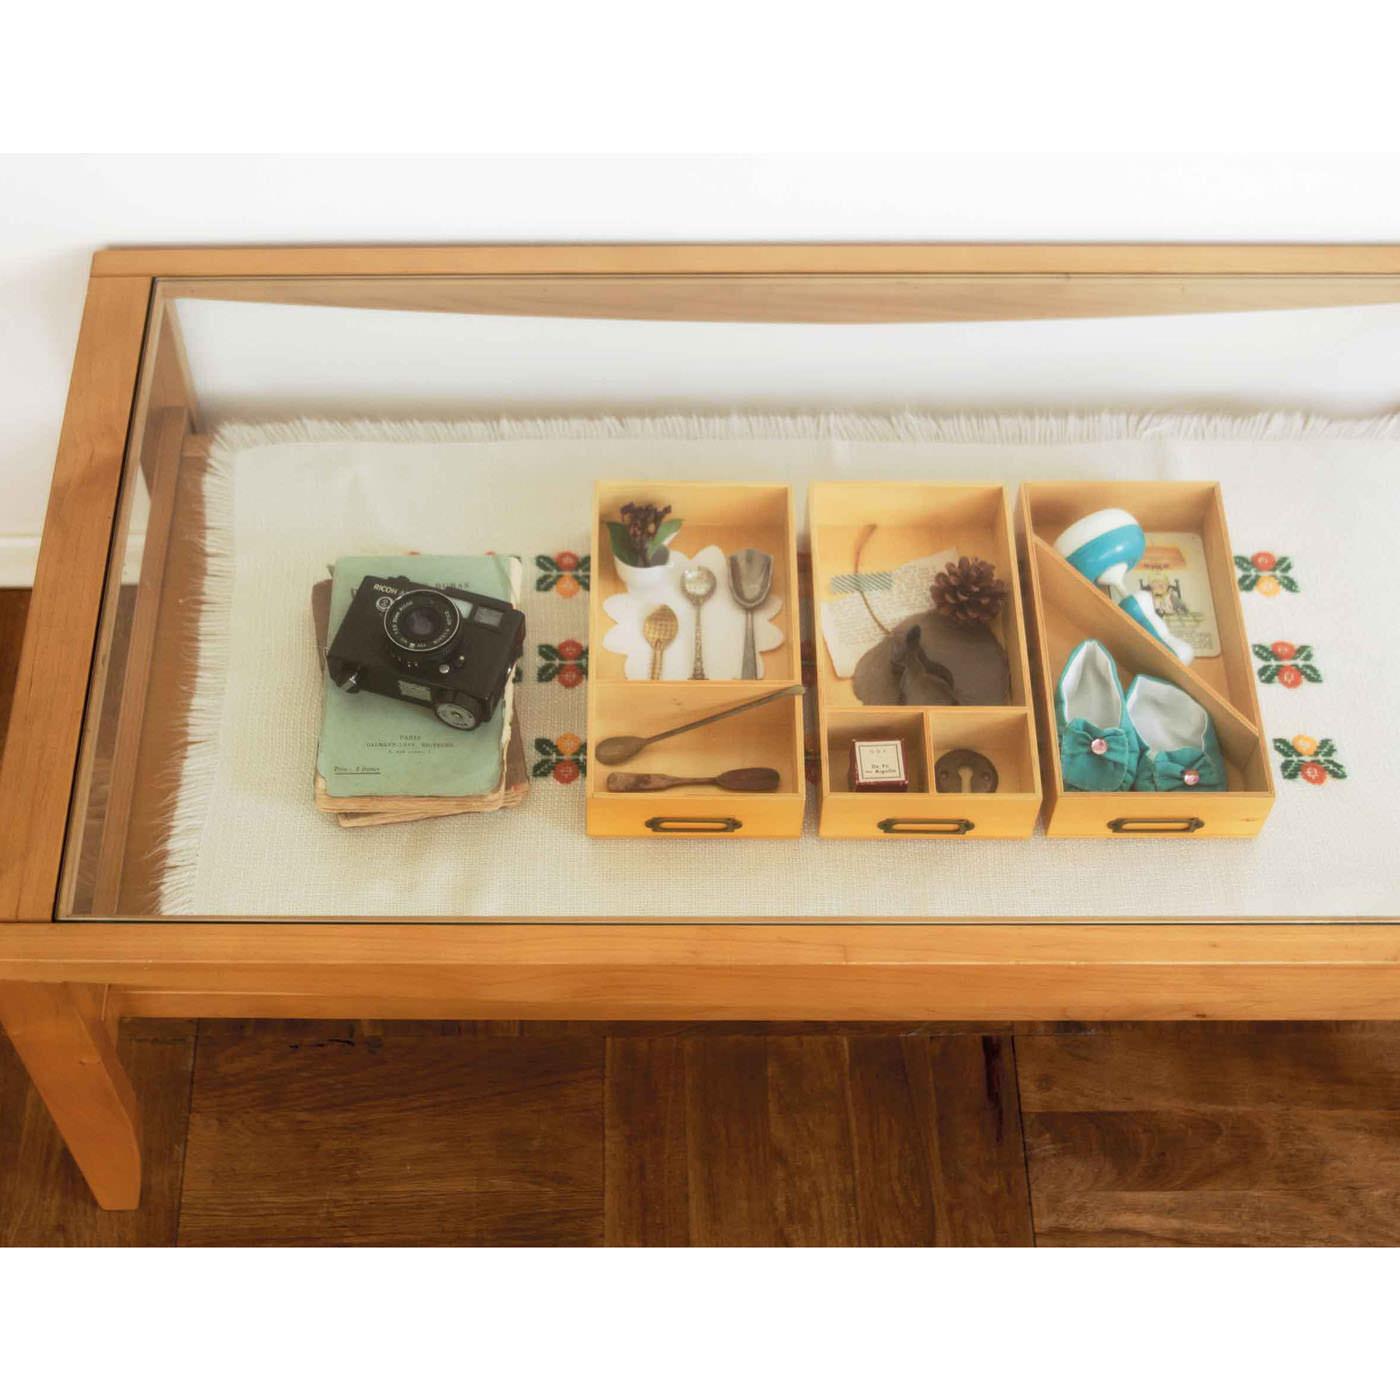 家族旅行や、季節をテーマに、写真やお土産、オブジェや工作など、箱ごとに思い出を詰め込んで飾って。